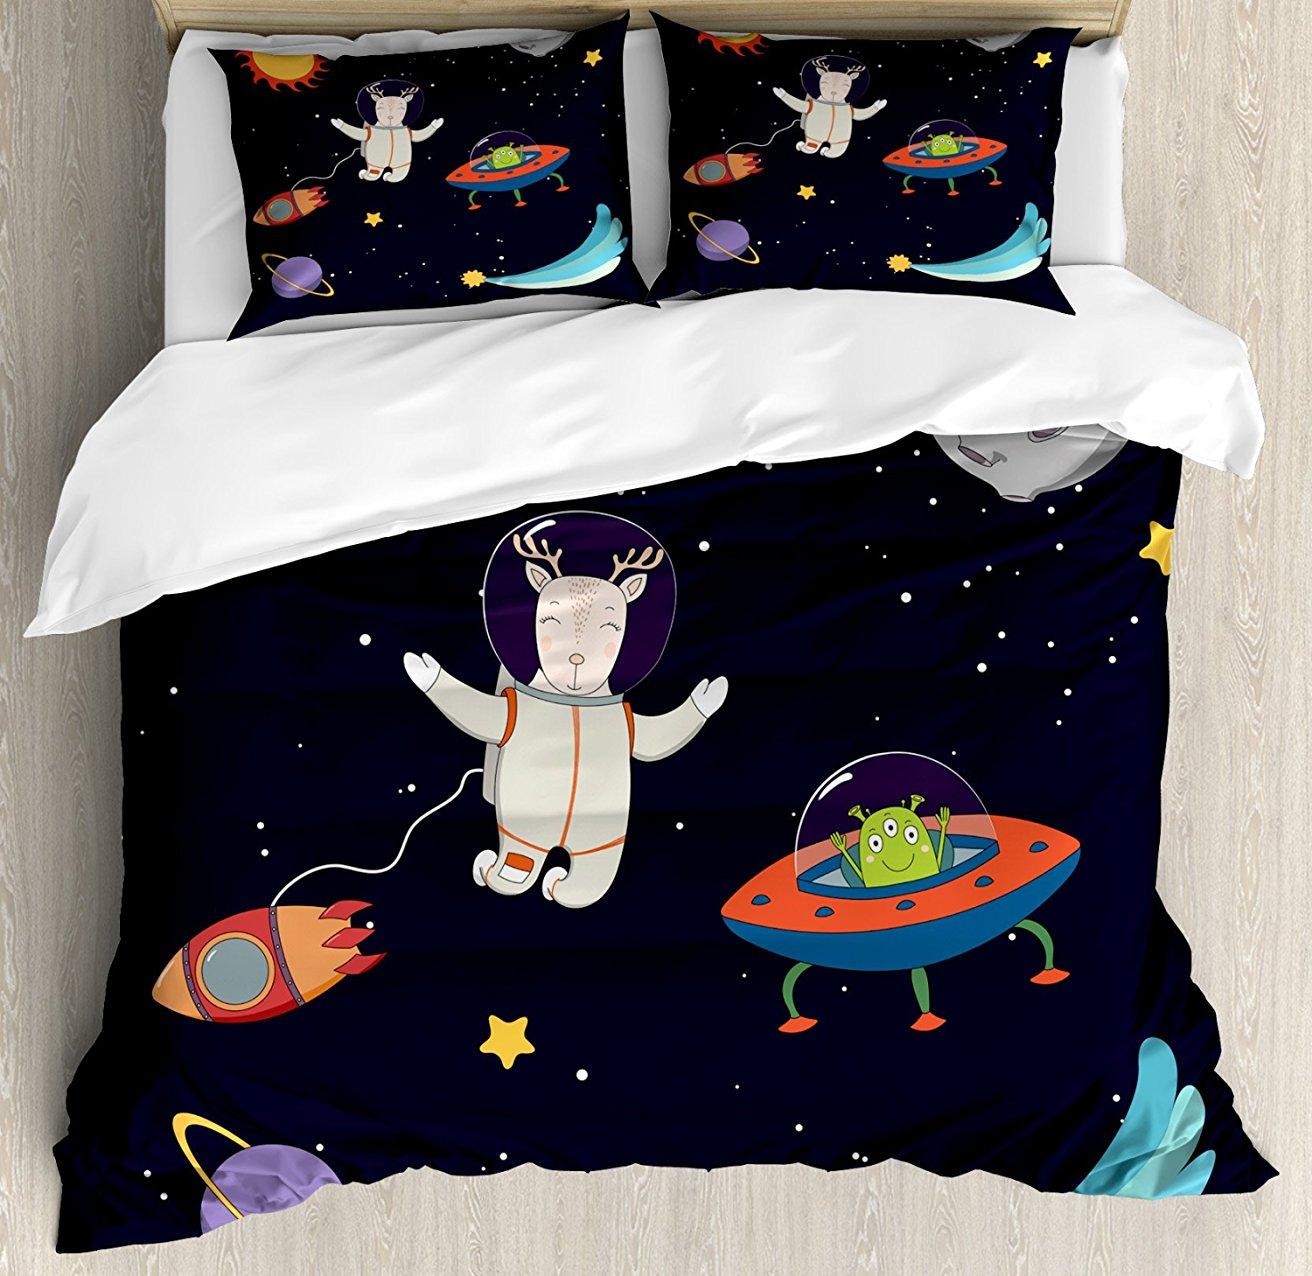 Постельное белье, рисованной олень астронавт в пространство с Солнца и Луны Shooting Star и чужой планете, 4 шт. Постельное белье